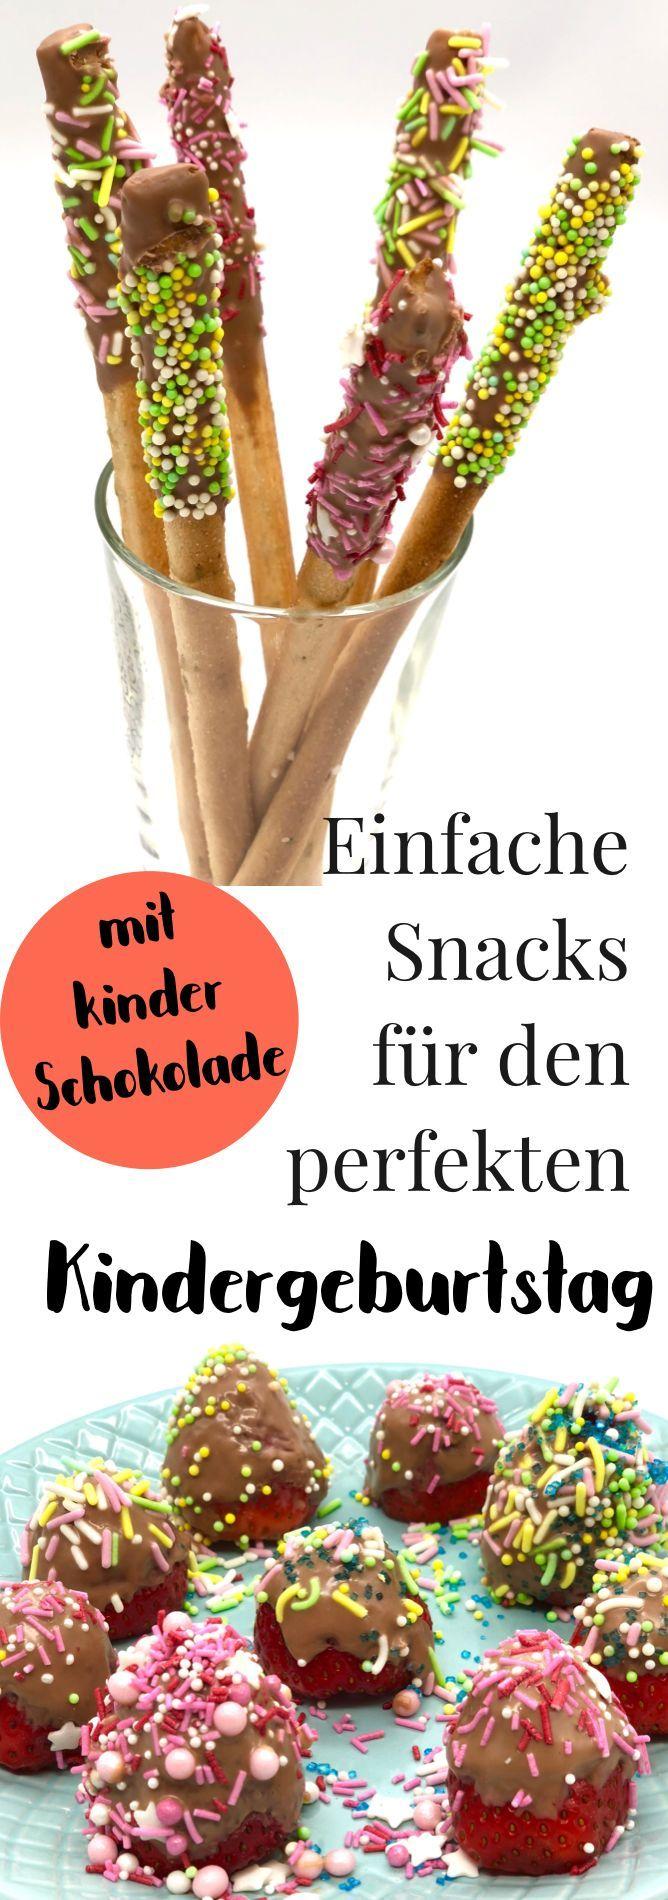 Kindergeburtstagsideen zum Nachmachen und Basteln   – Ideen für den Kindergeburtstag: Einladung, Deko, Spiele und Co